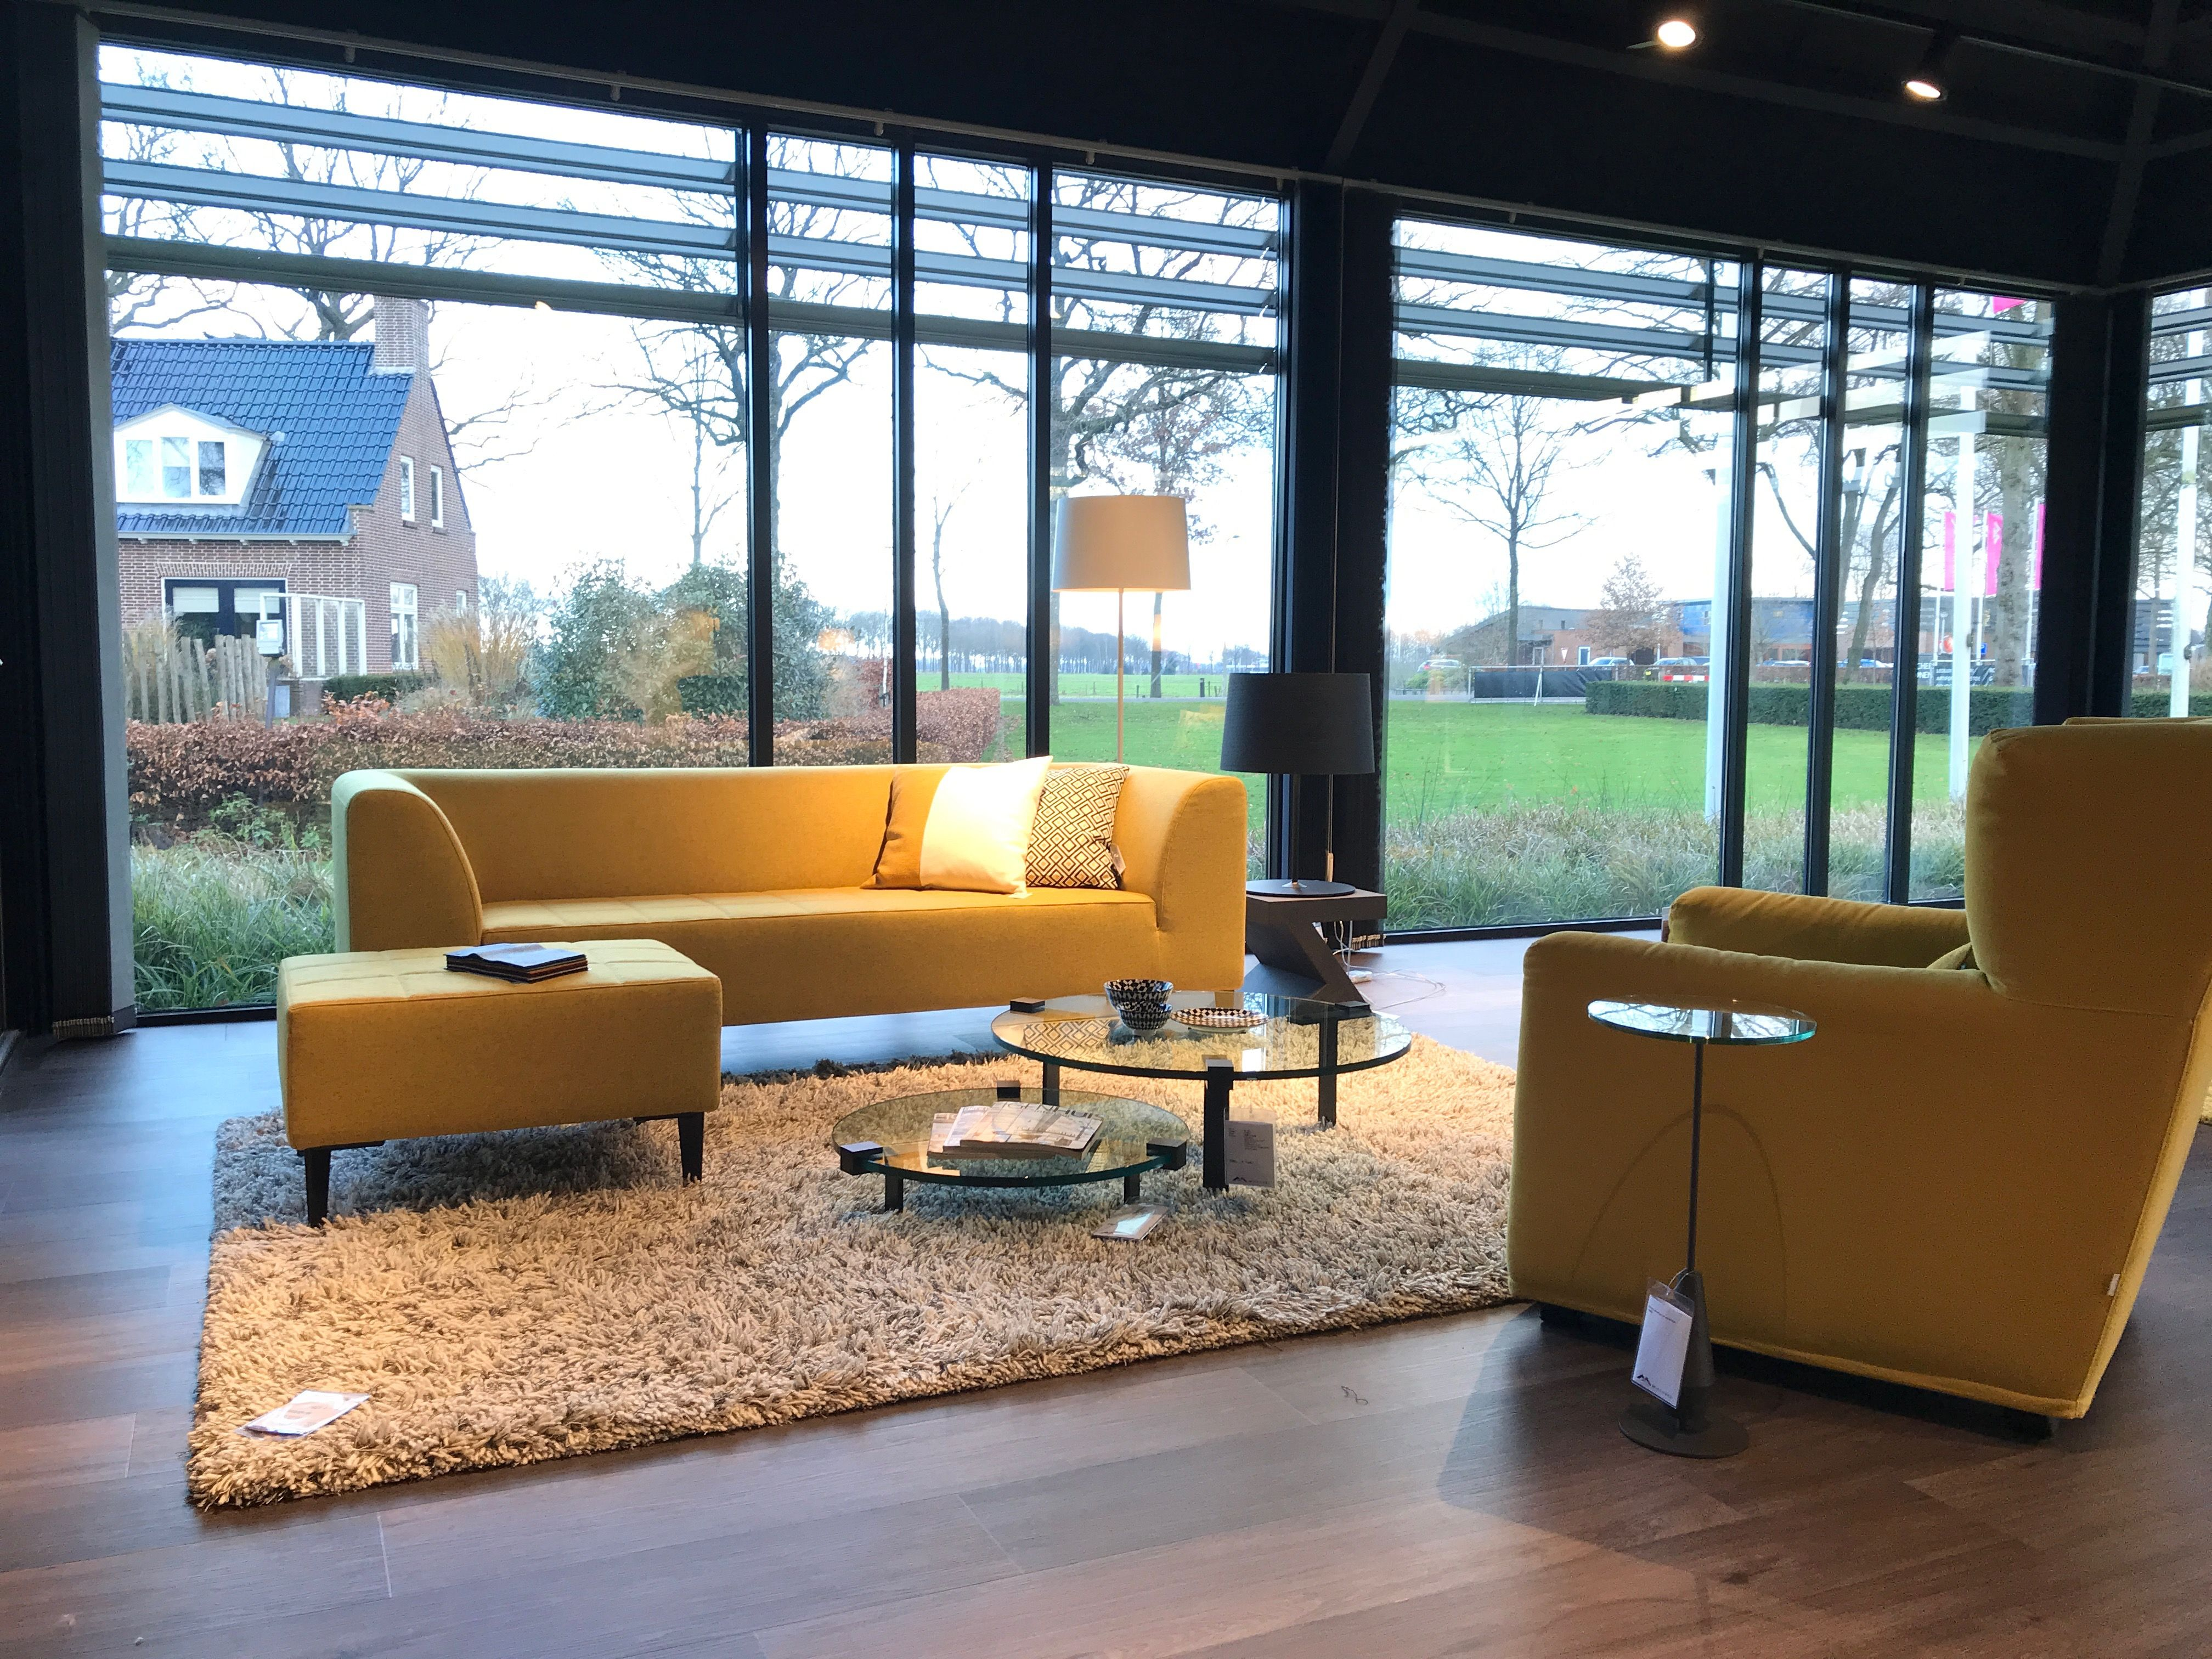 Gelderland Hoekbank 7330.Gelderland Bank 7950 Allure Design Jan Des Bouvrie Wiechers